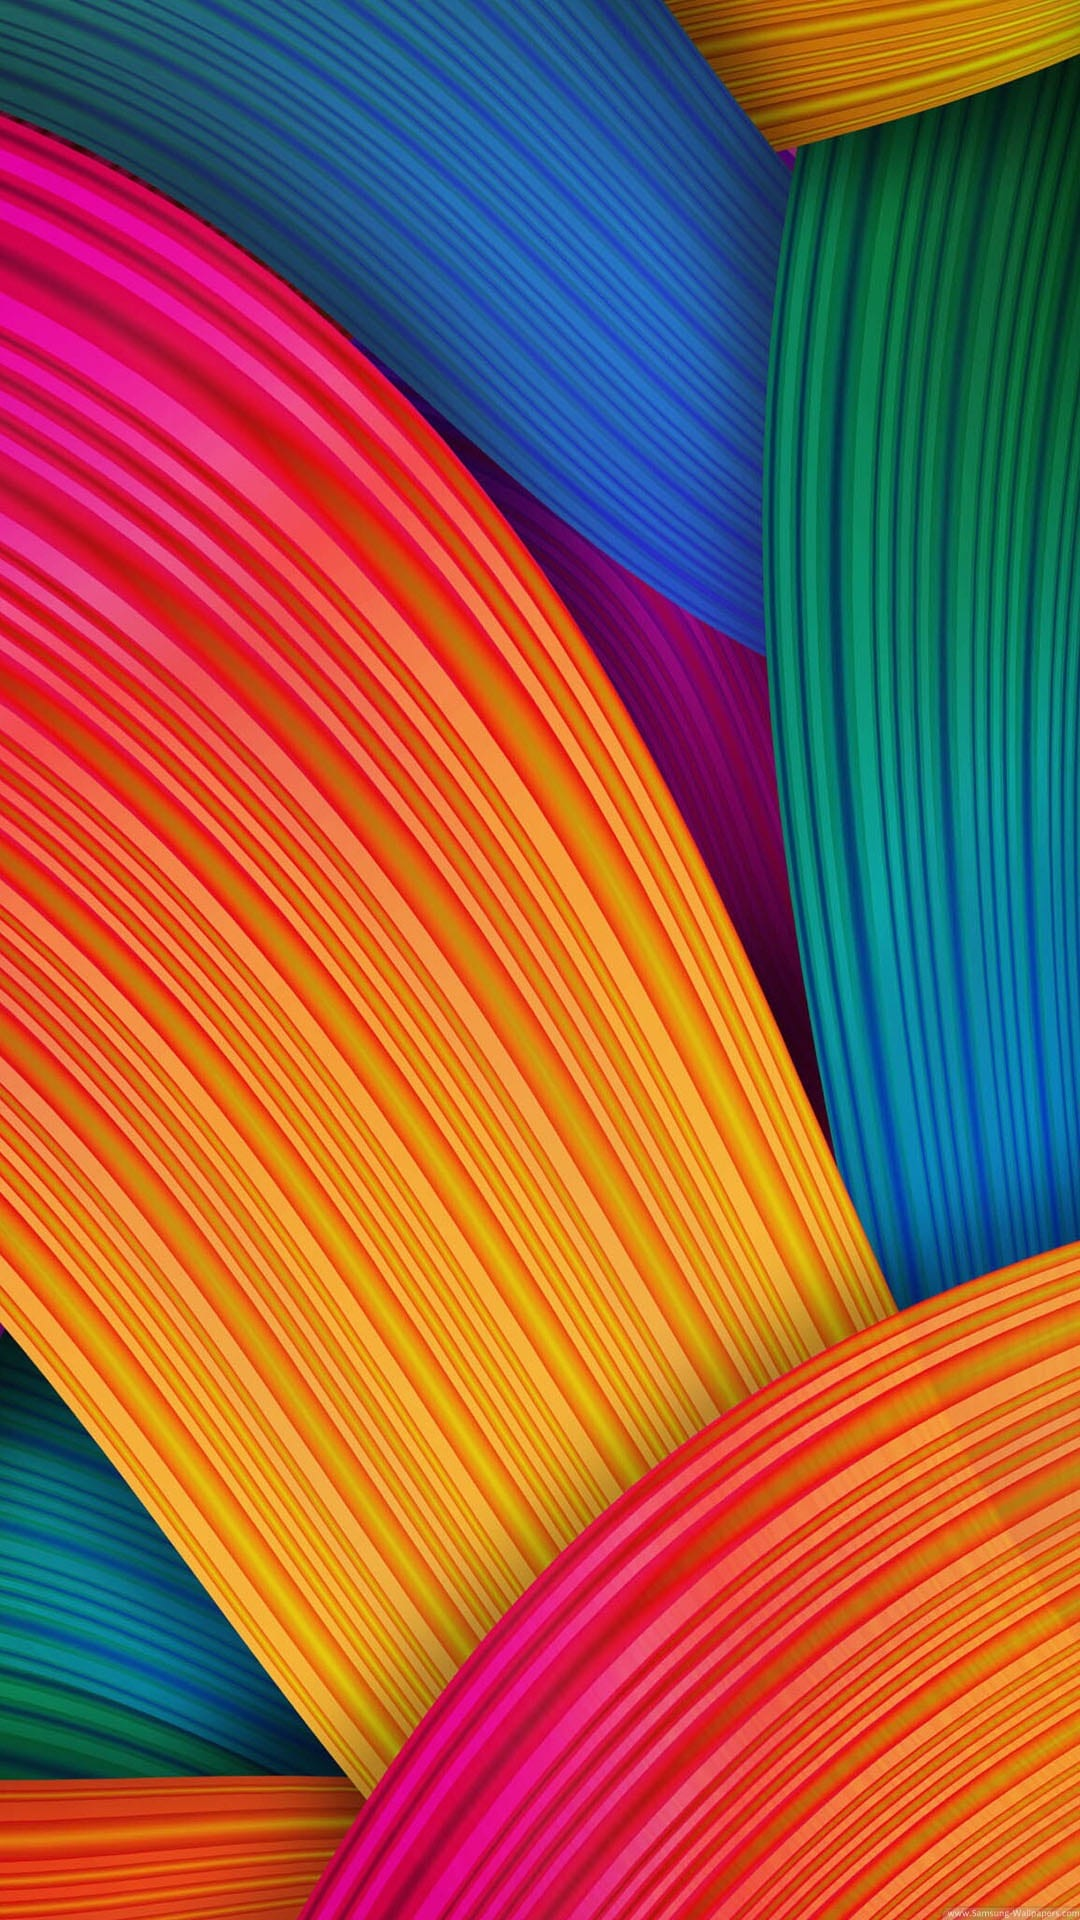 Los mejores fondos de pantalla de colores para tu android for Imagenes para fondo de pantalla wallpapers